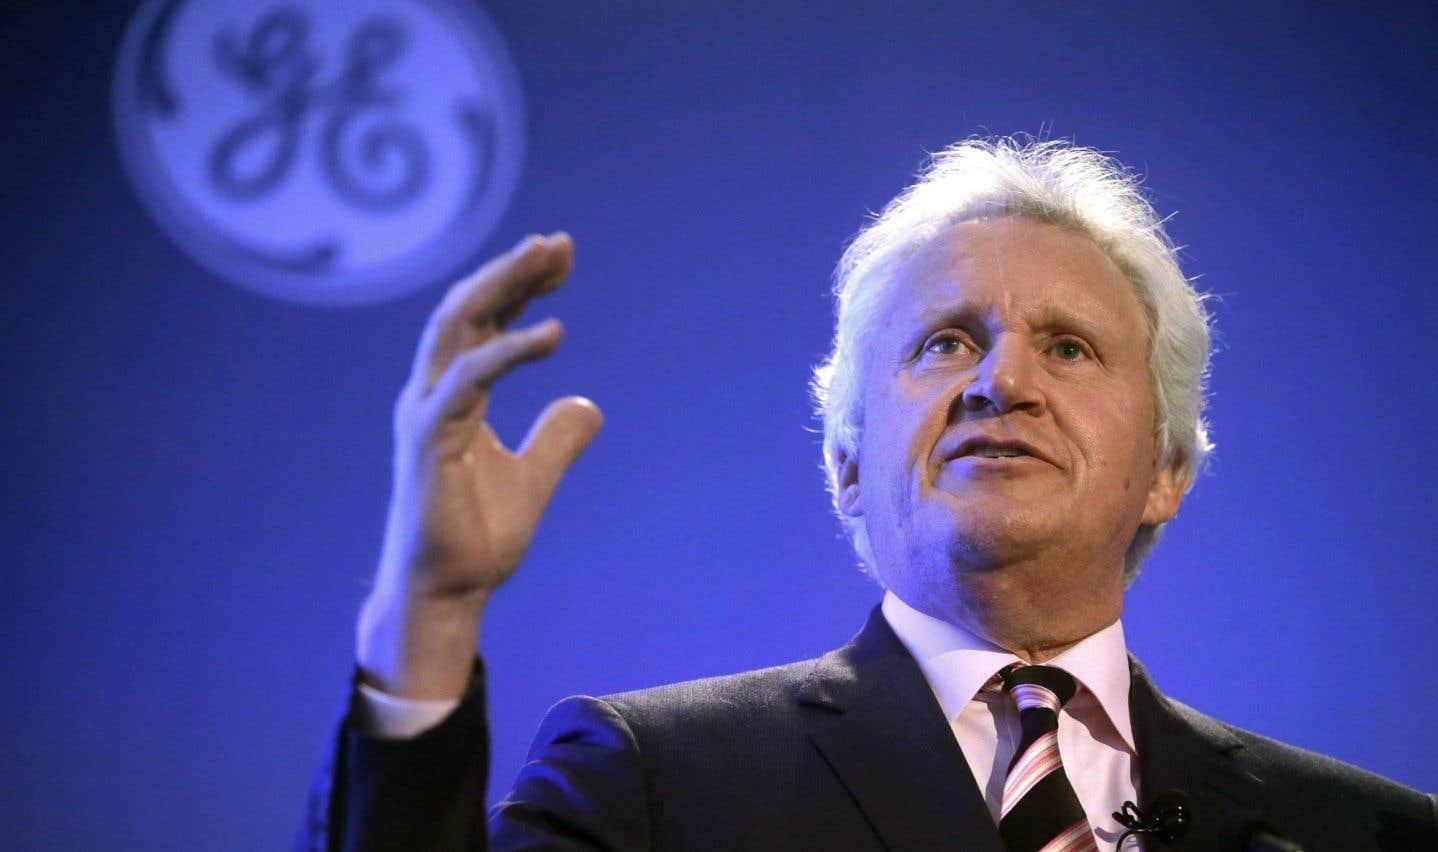 Les profits de GE chutent et le patron part